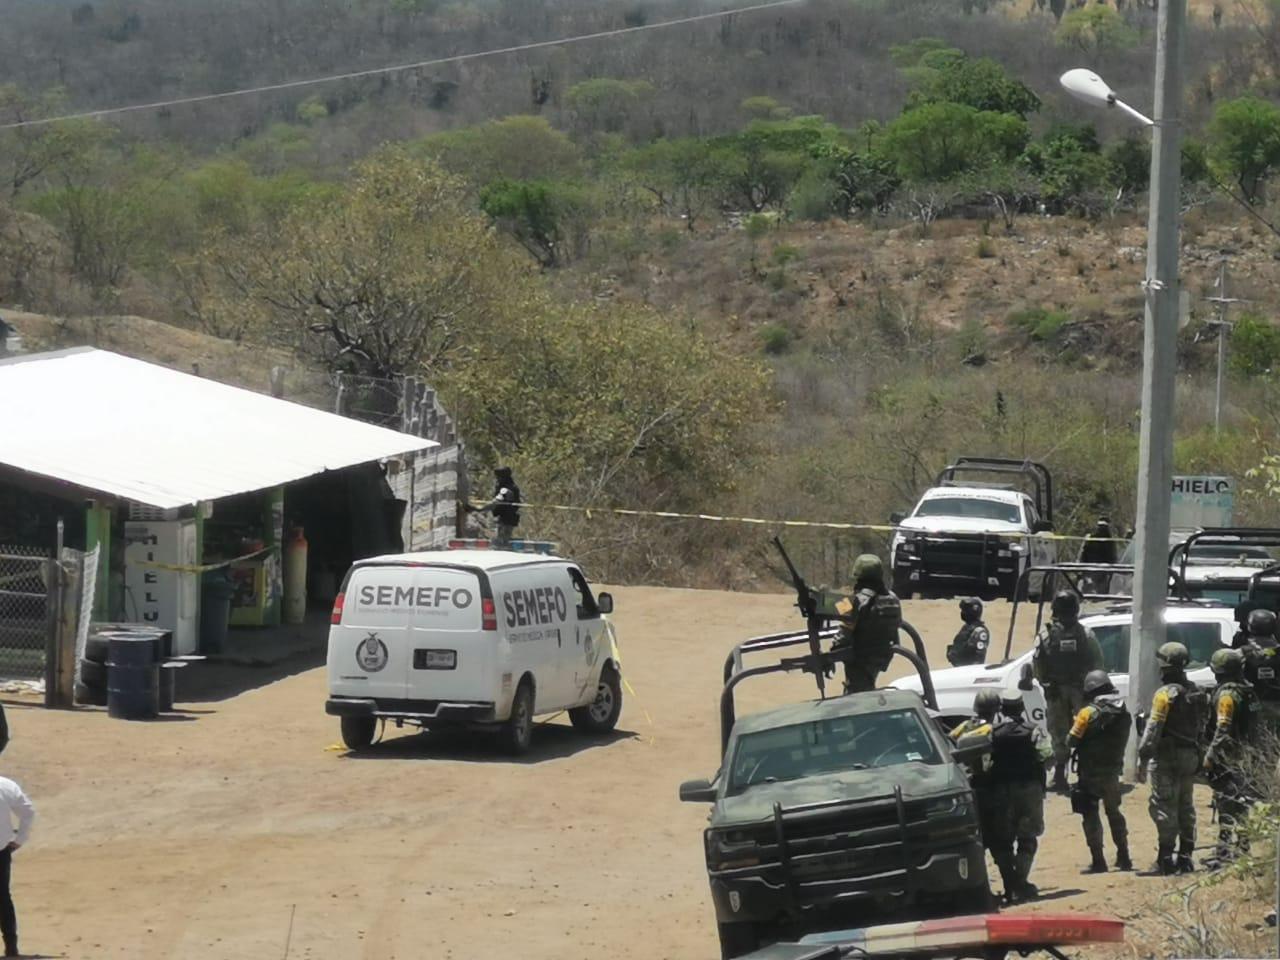 Sicarios en Camionetas Artilladas ejecutan a Padre e Hijo en el pueblo de San Cayetano, los Sicarios corrieron a la sierra de Durango cuando vieron a los Soldados